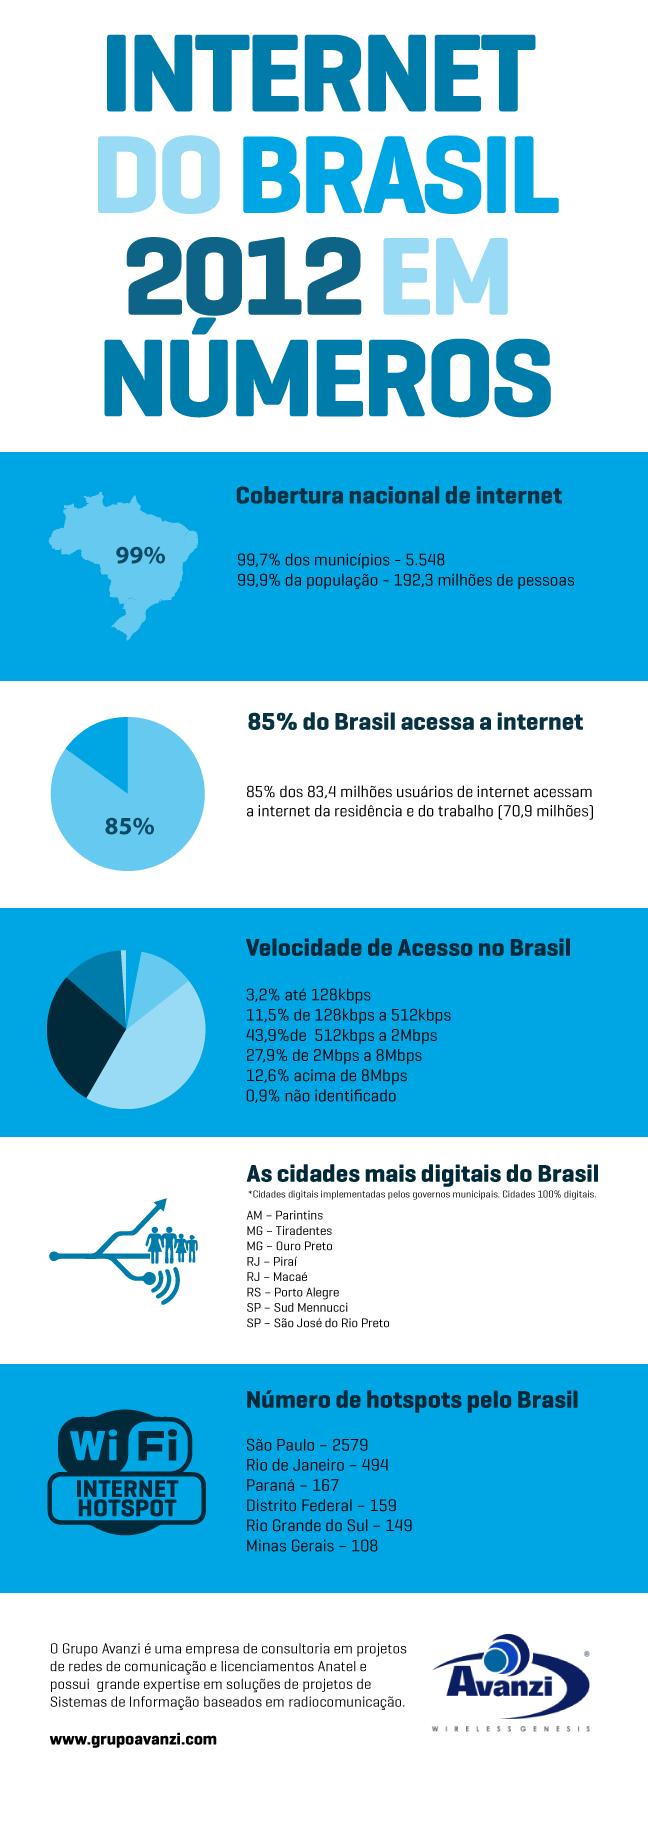 Números da internet no Brasil em 2012